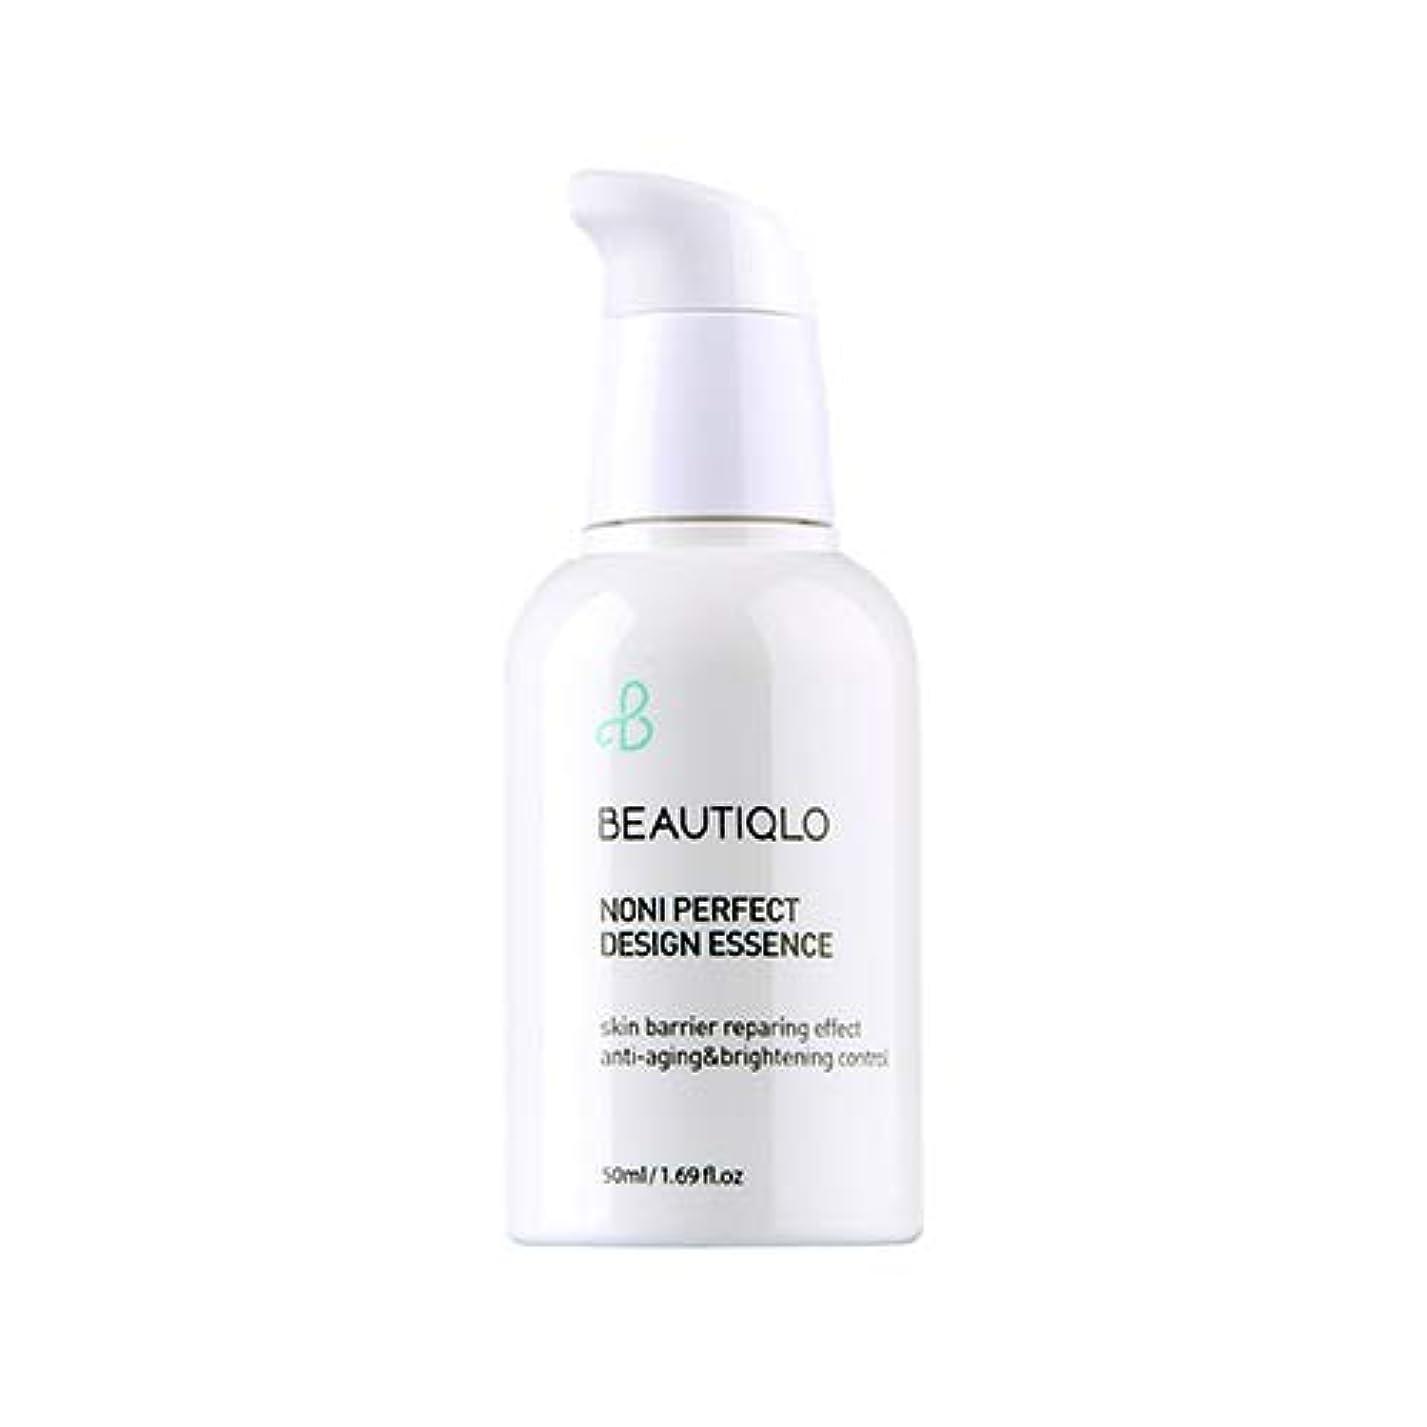 二次より多い剛性韓国化粧品 BEAUTIQLO NONI PERFECT DESIGN ESSENCE ビューティクロ ノニパーフェクトデザインエッセンス